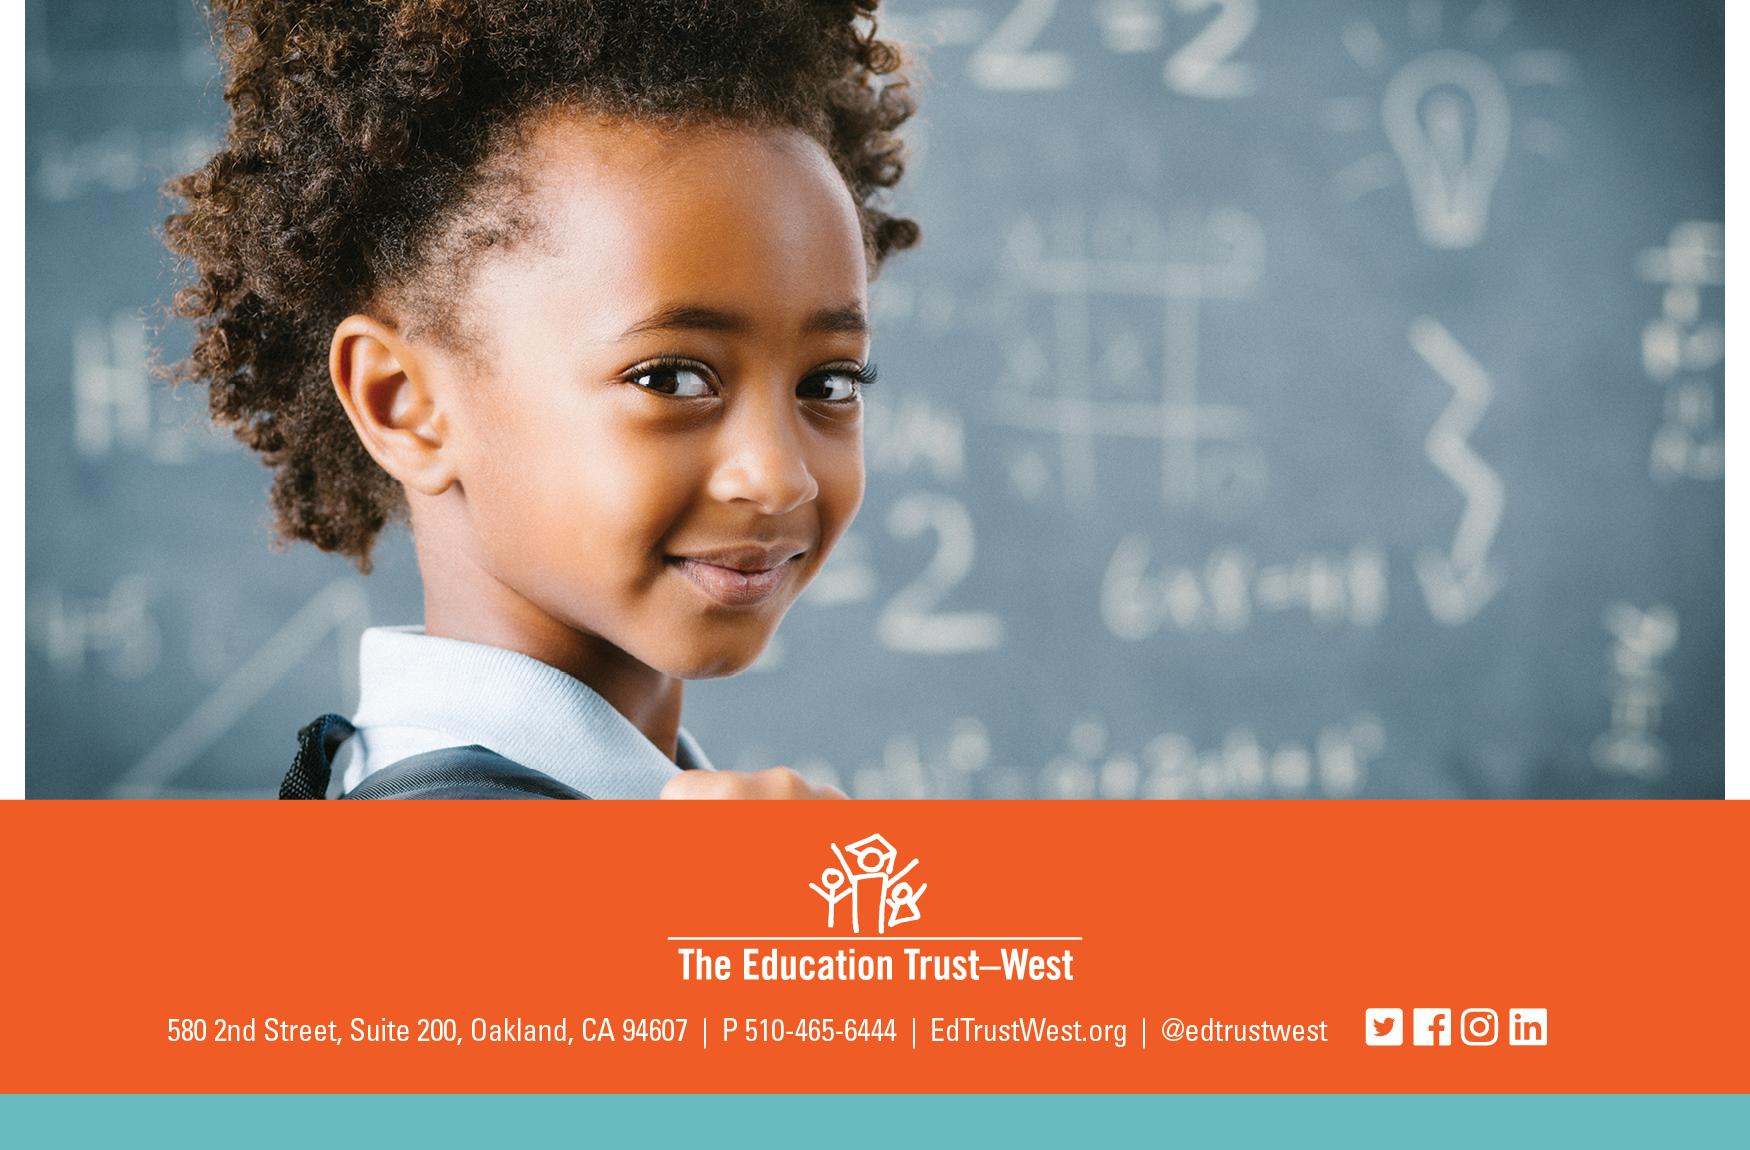 EducationTrust_2019_AnnualReport_V1111.jpg